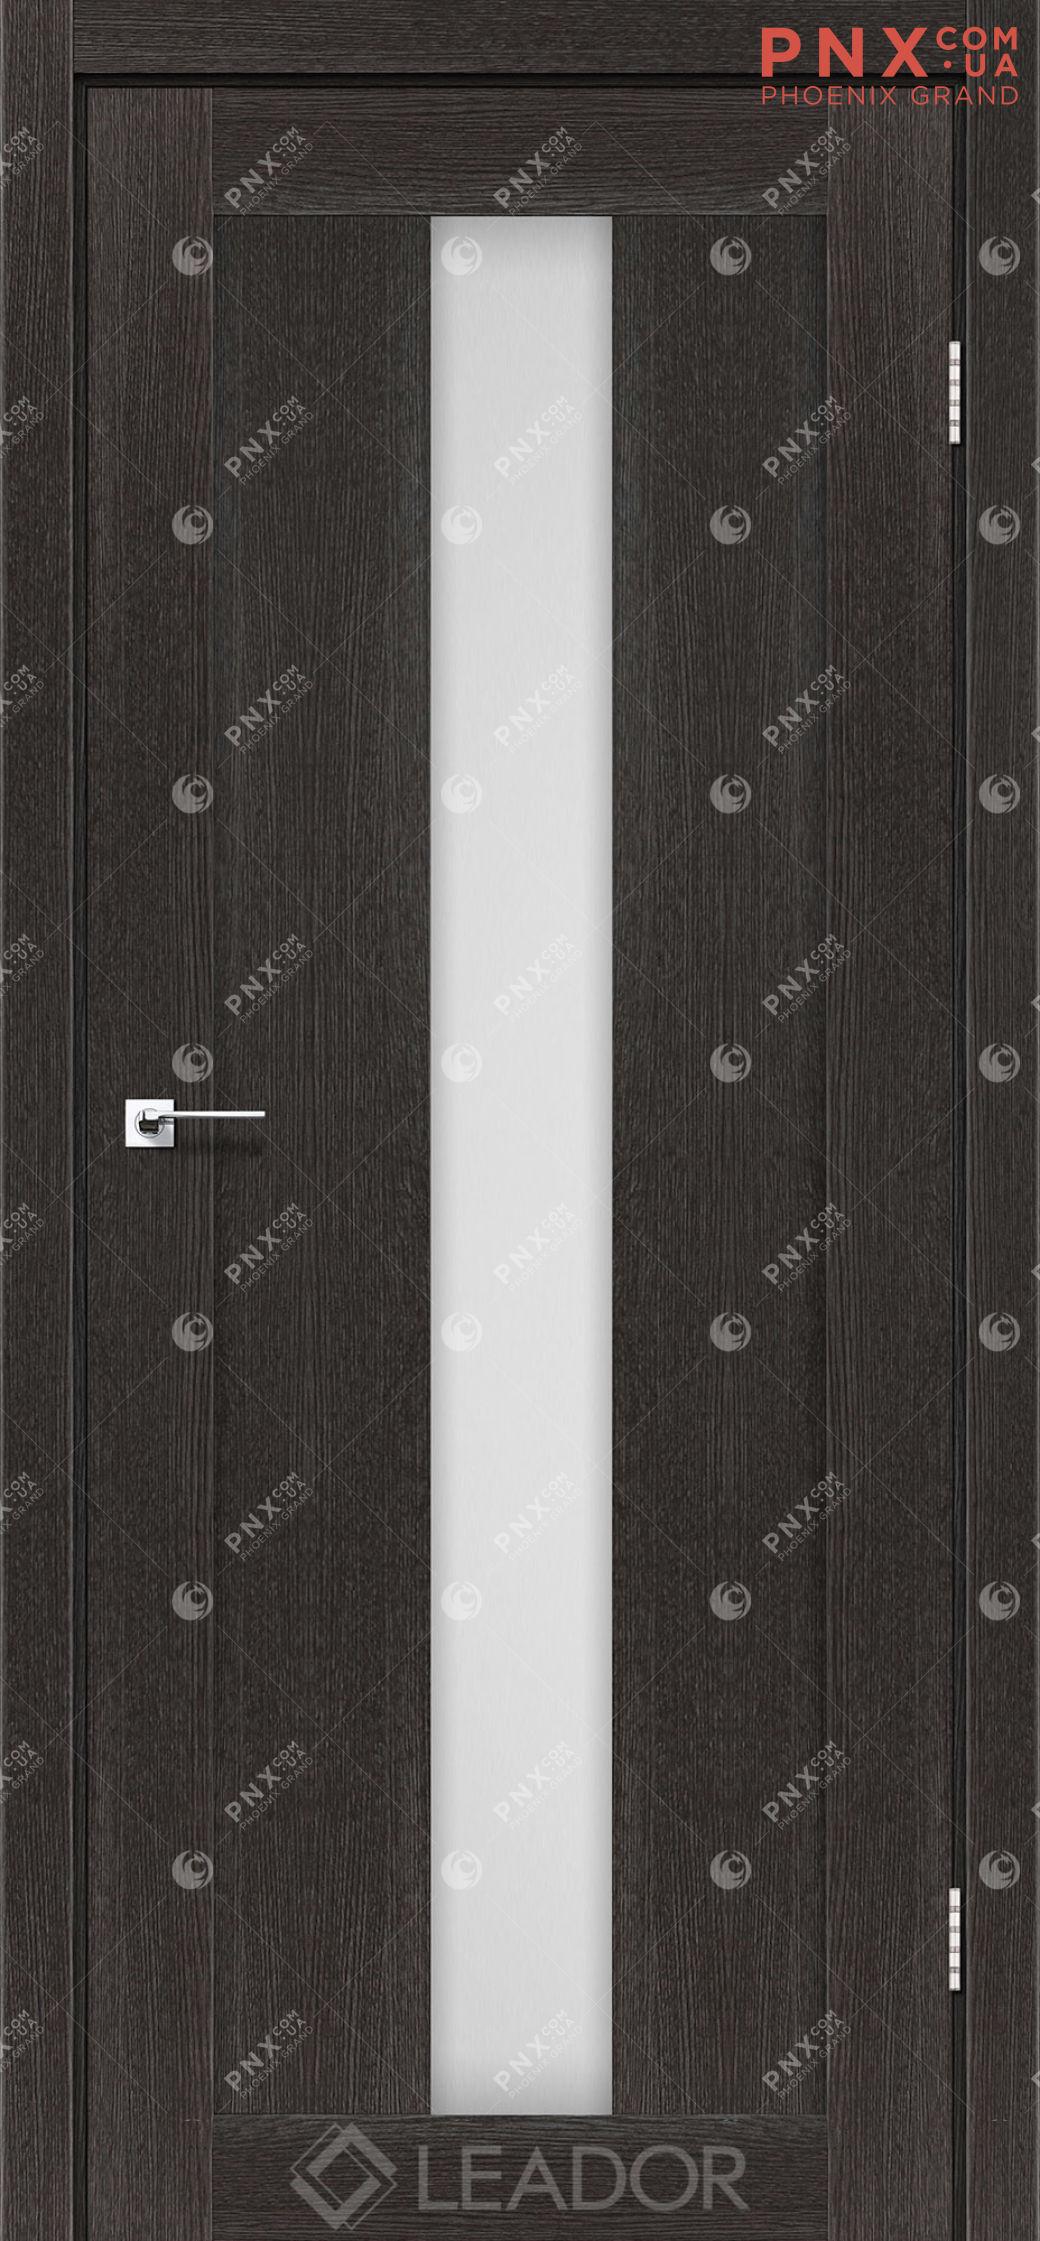 Межкомнатная дверь LEADOR Bari, Дуб Саксонский, Белое стекло сатин